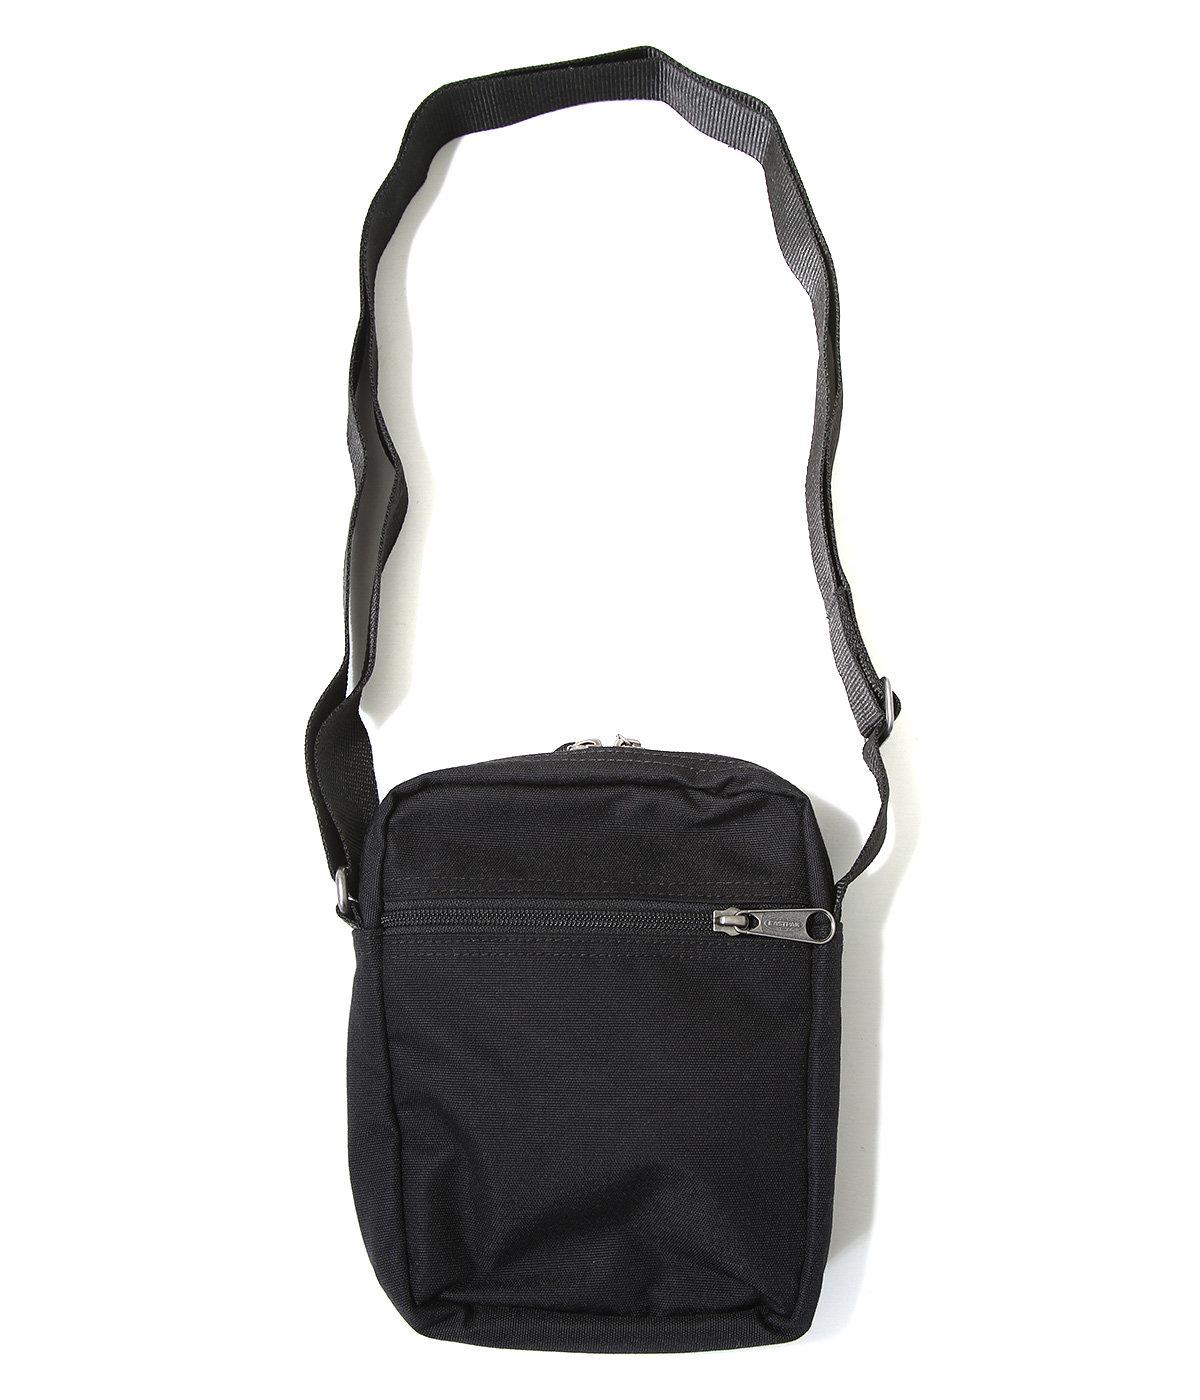 EASTPAK TAPE SHOULDER BAG